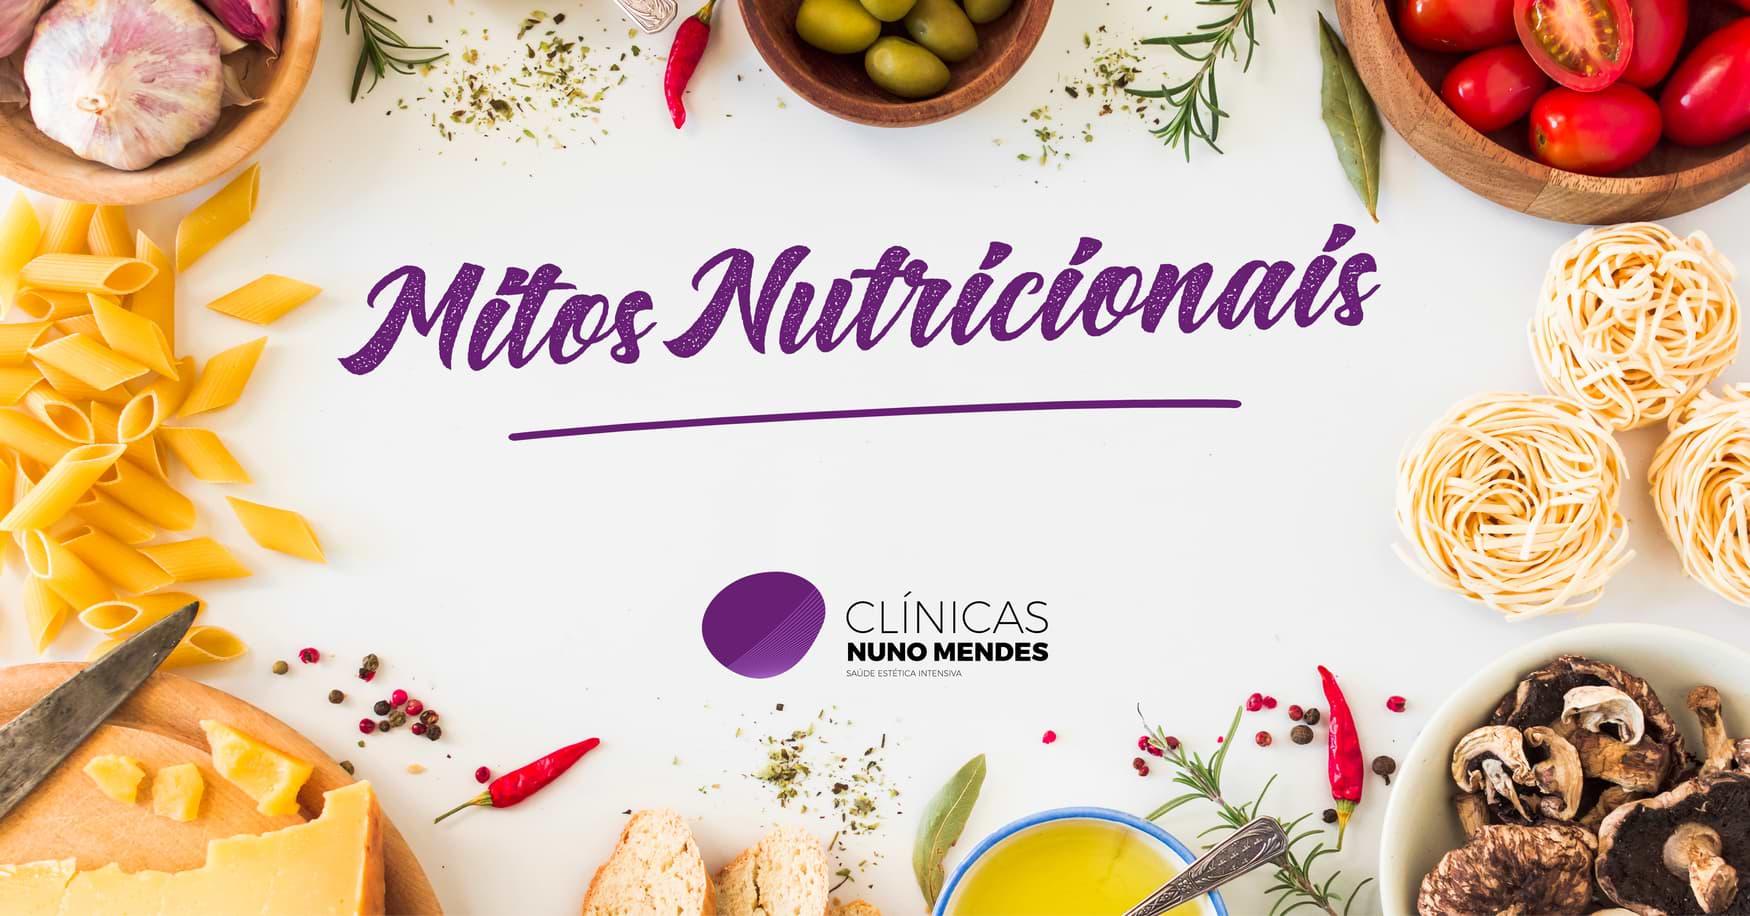 8  Mitos Nutricionais que a Ciência Desmistificou